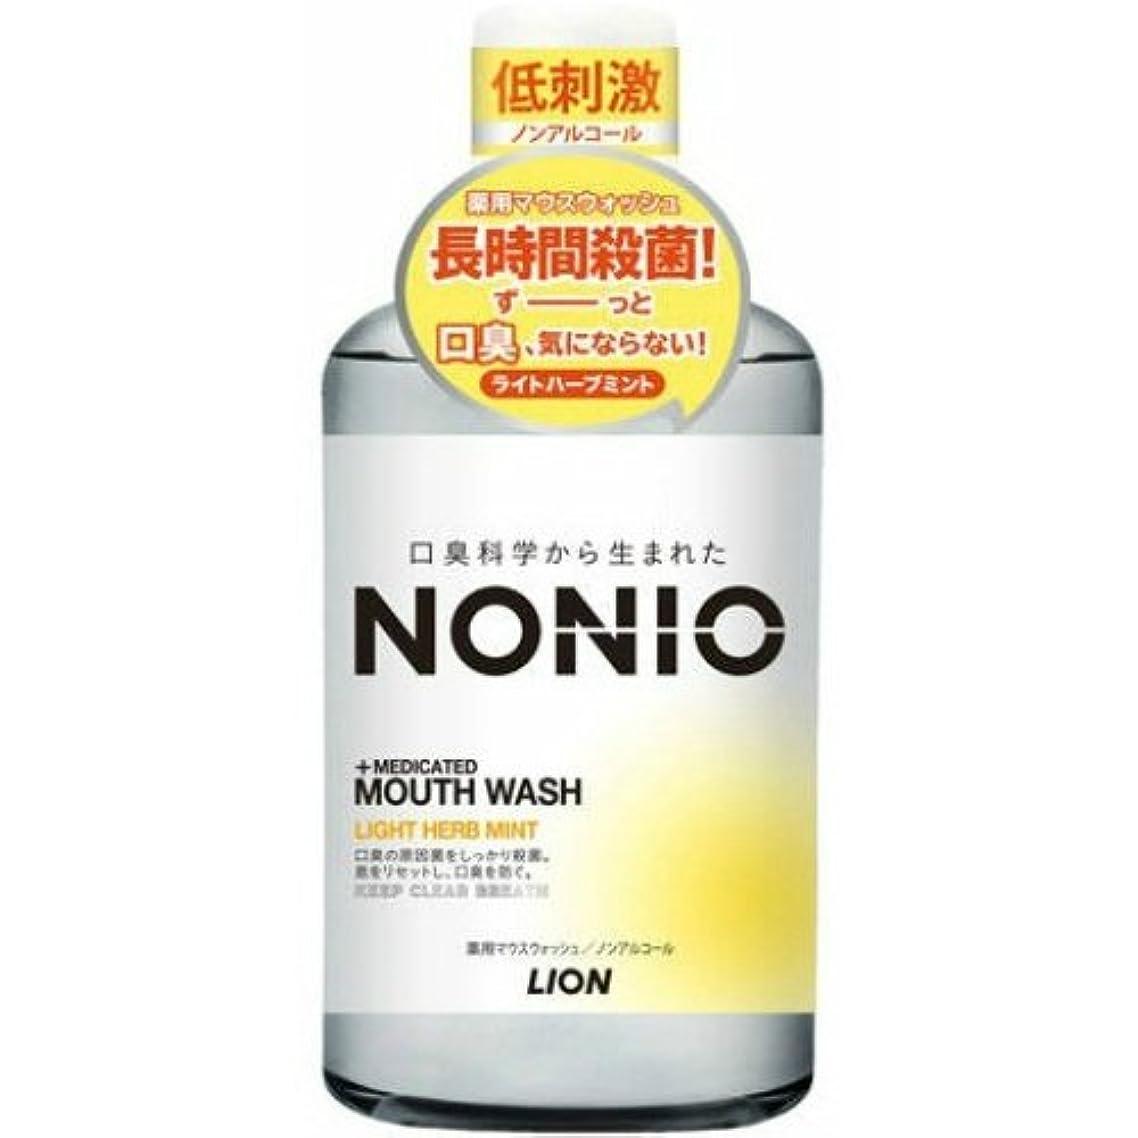 パンチ増加する概要LION ライオン ノニオ NONIO 薬用マウスウォッシュ ノンアルコール ライトハーブミント 600ml 医薬部外品 ×012点セット(4903301259398)